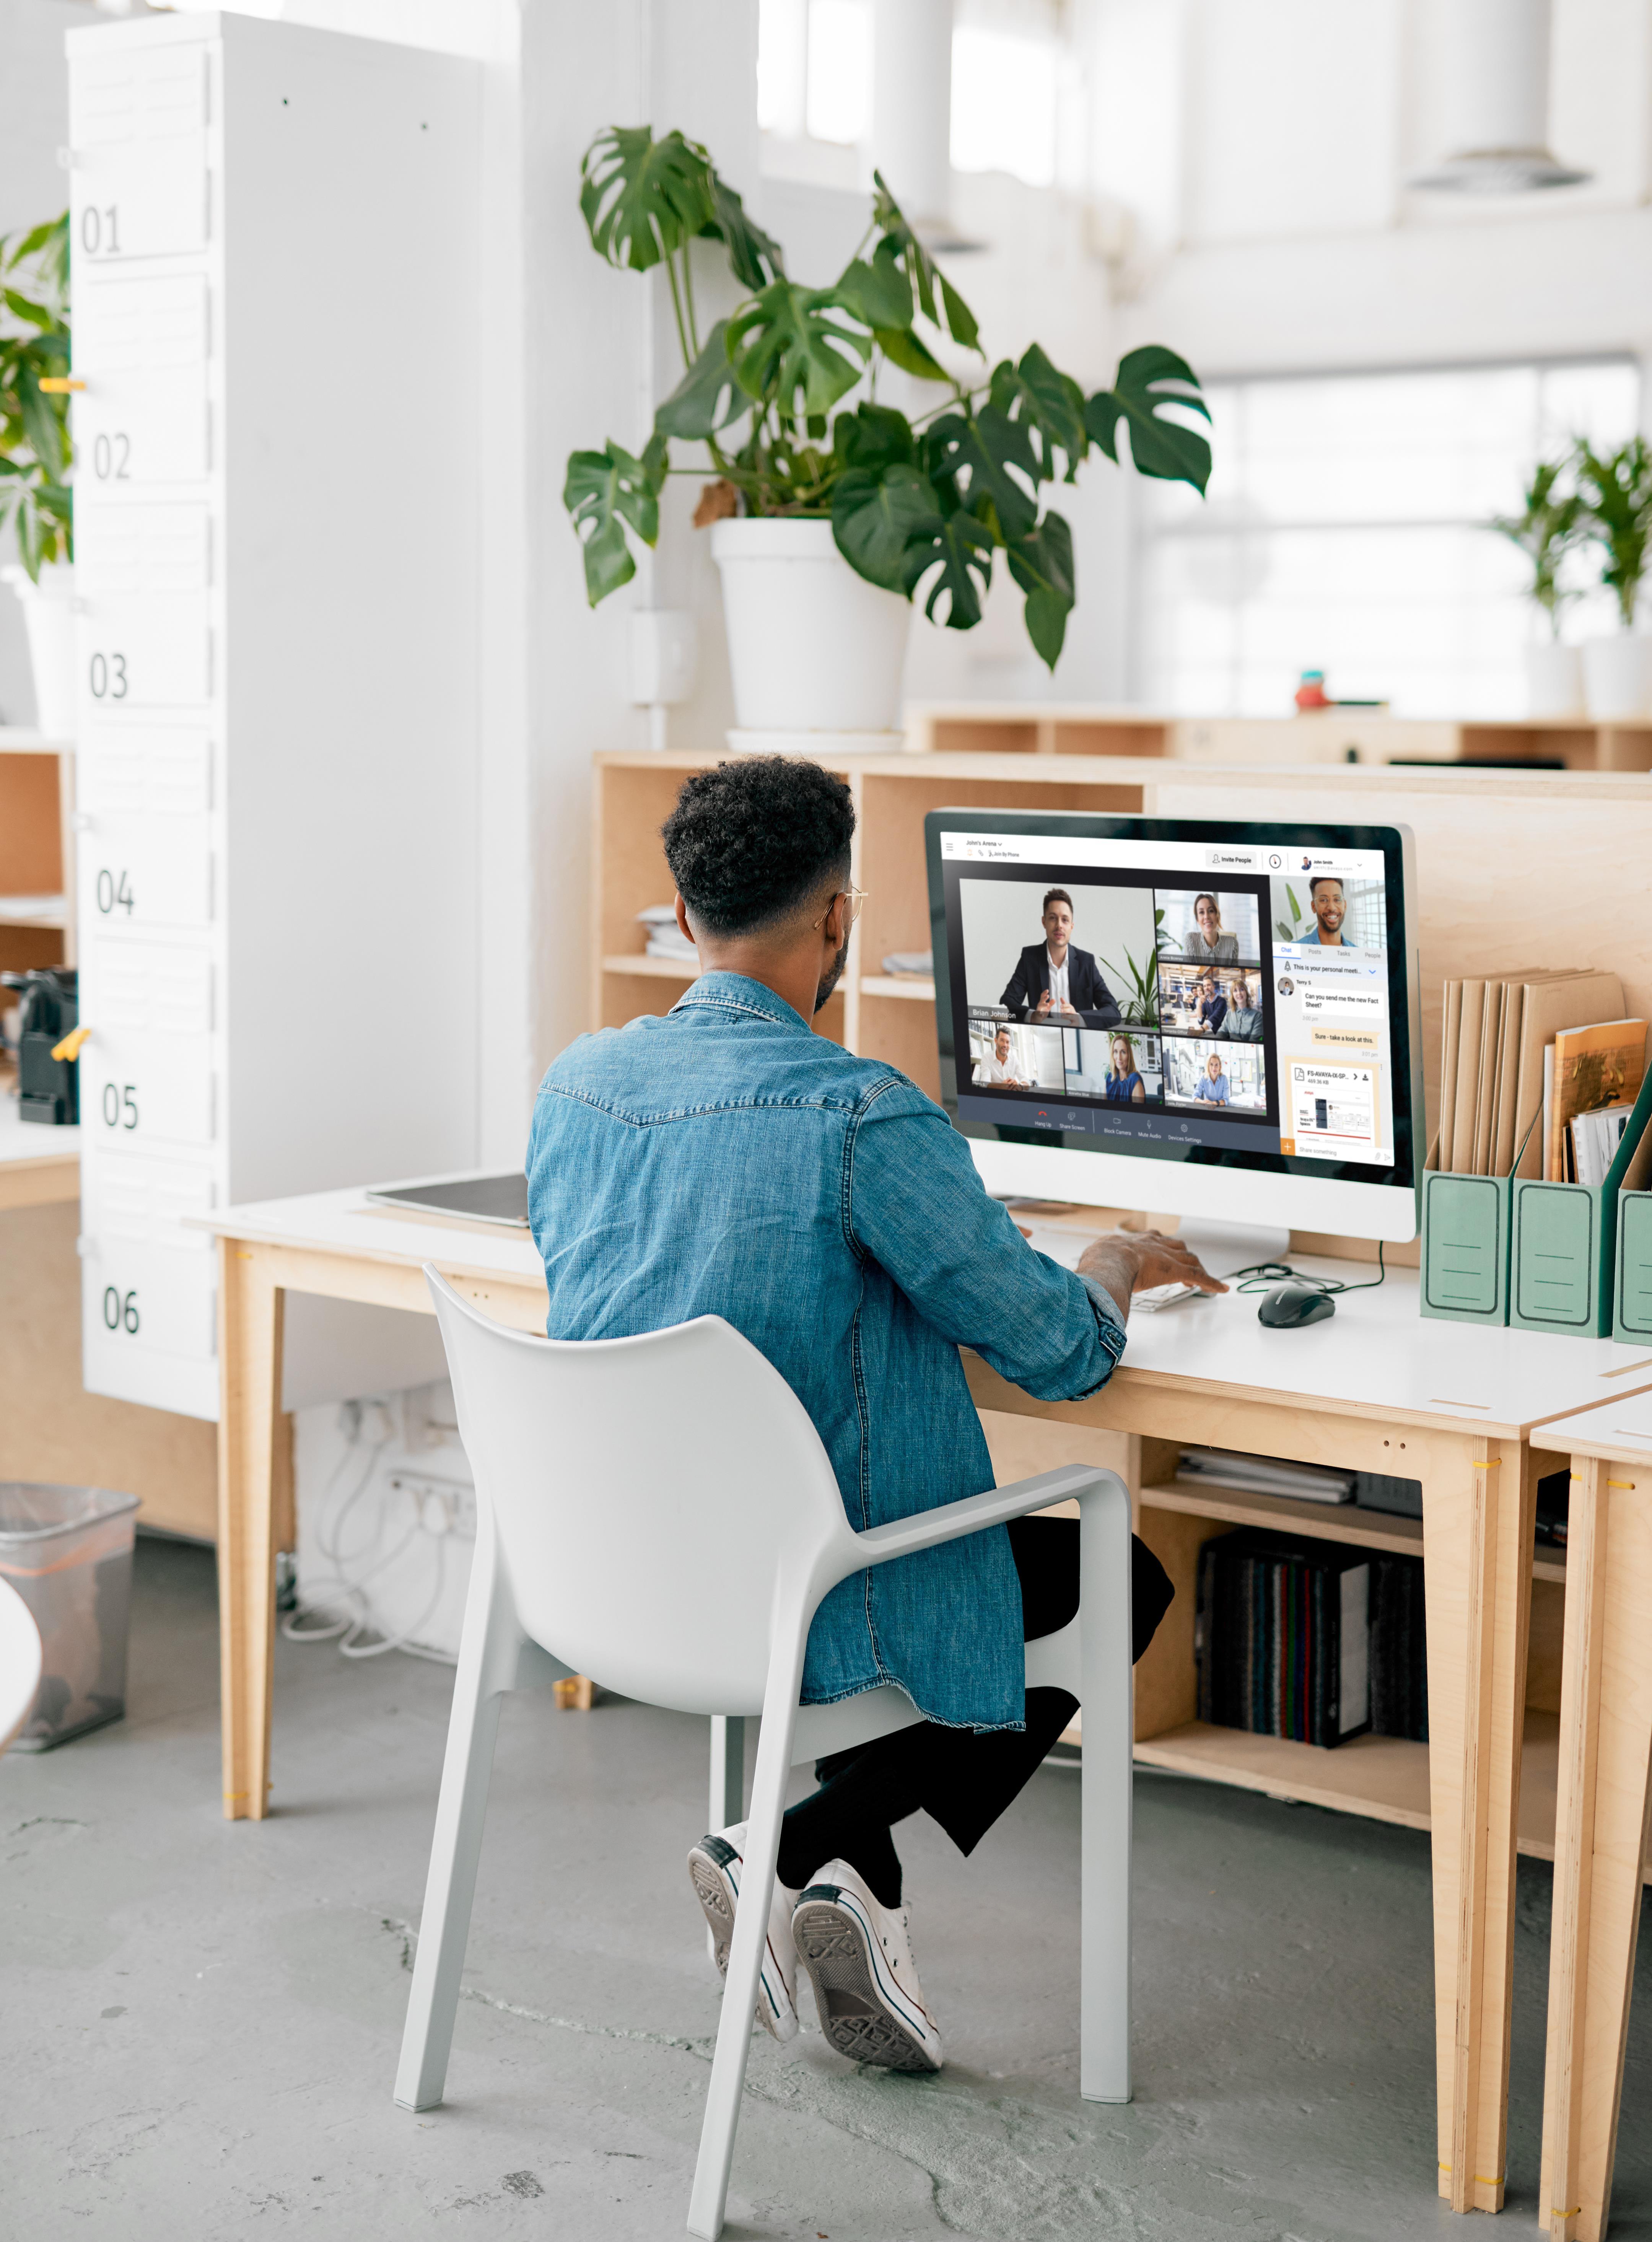 Avaya expande las capacidades del Centro de Contacto con Inteligencia Artificial para mejorar la experiencia del cliente participando con AWS Contact Center Intelligence